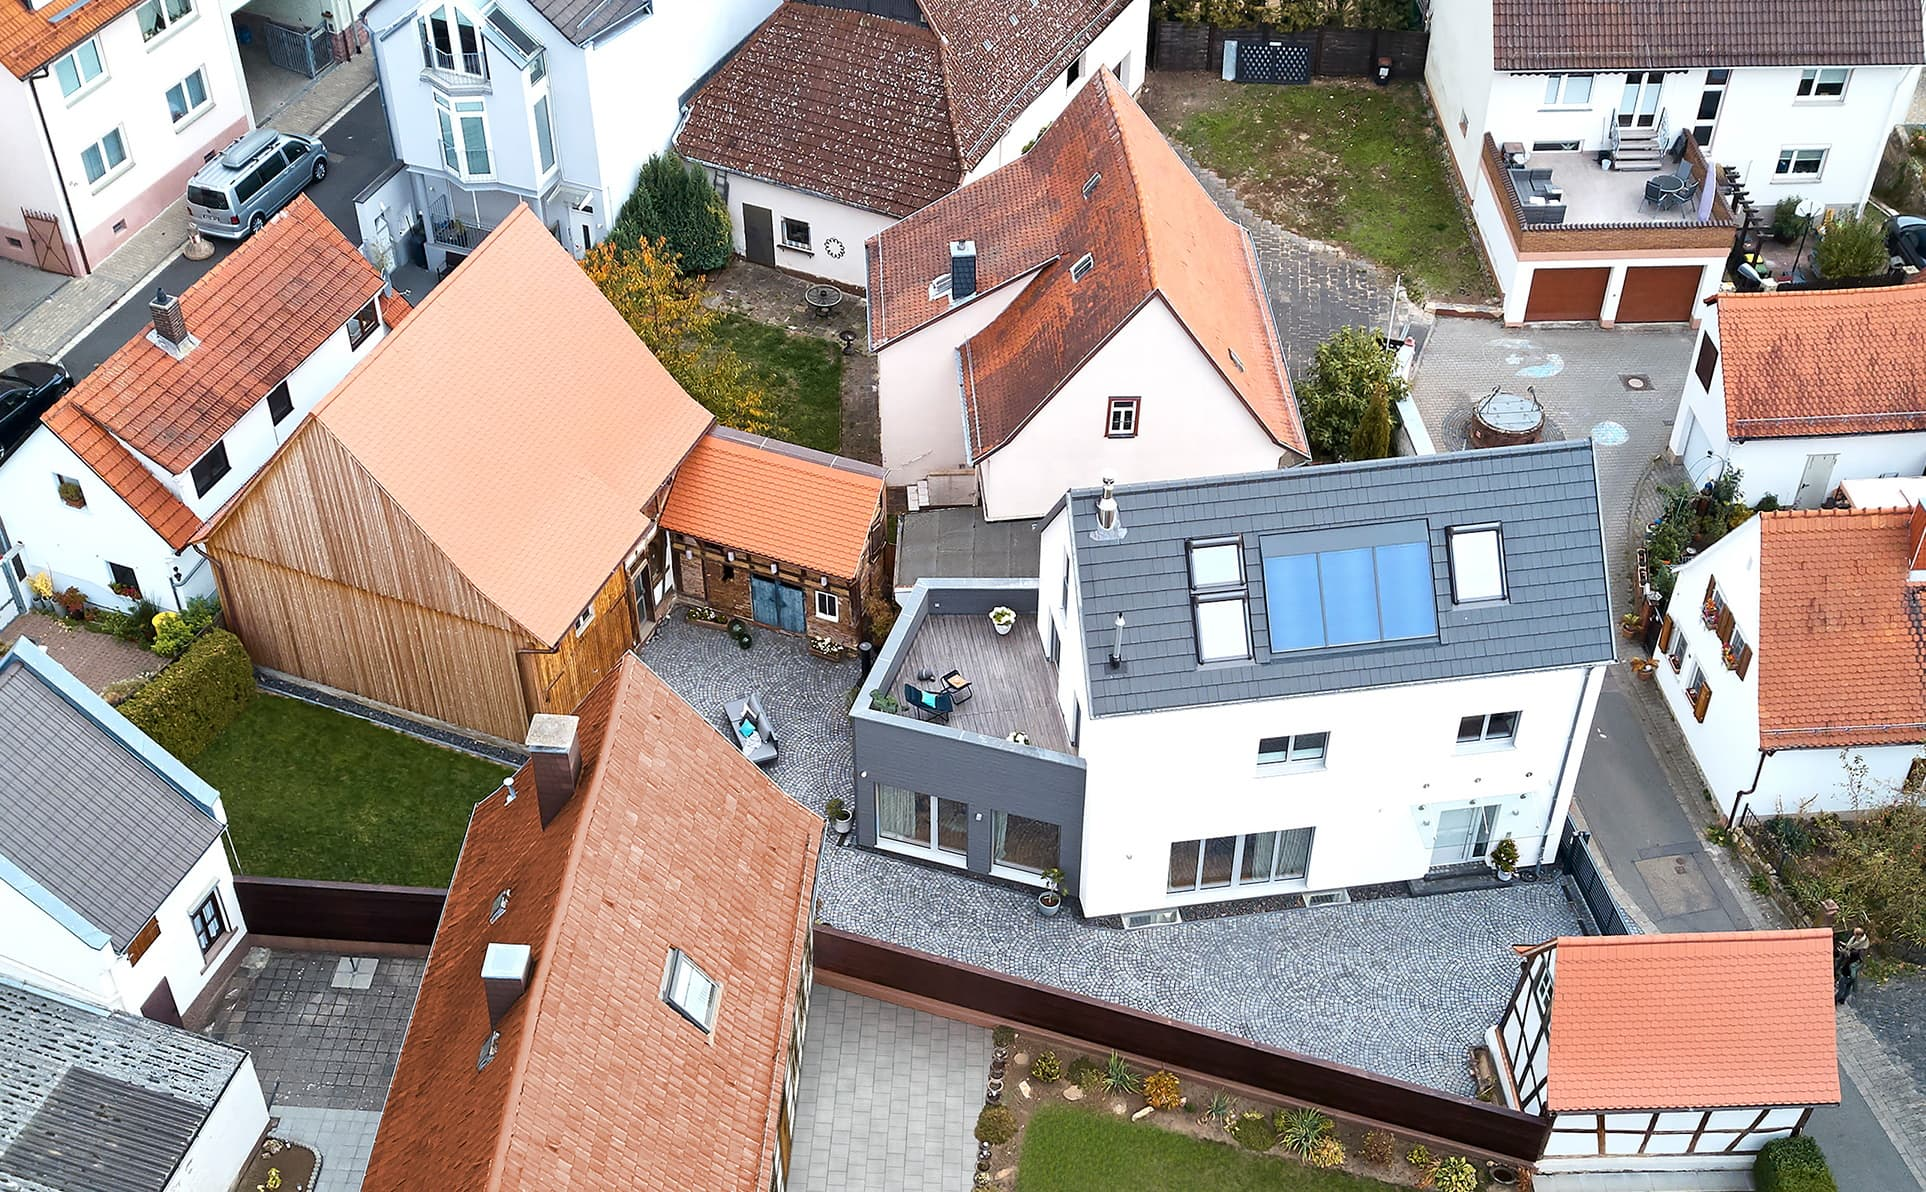 Einfamilienhaus Neubau mit Satteldach & Erker Anbau mit Dachterrasse - Fertighaus bauen Ideen ökologisches Baufritz Haus STADTHAUS EHRMANN - HausbauDirekt.de